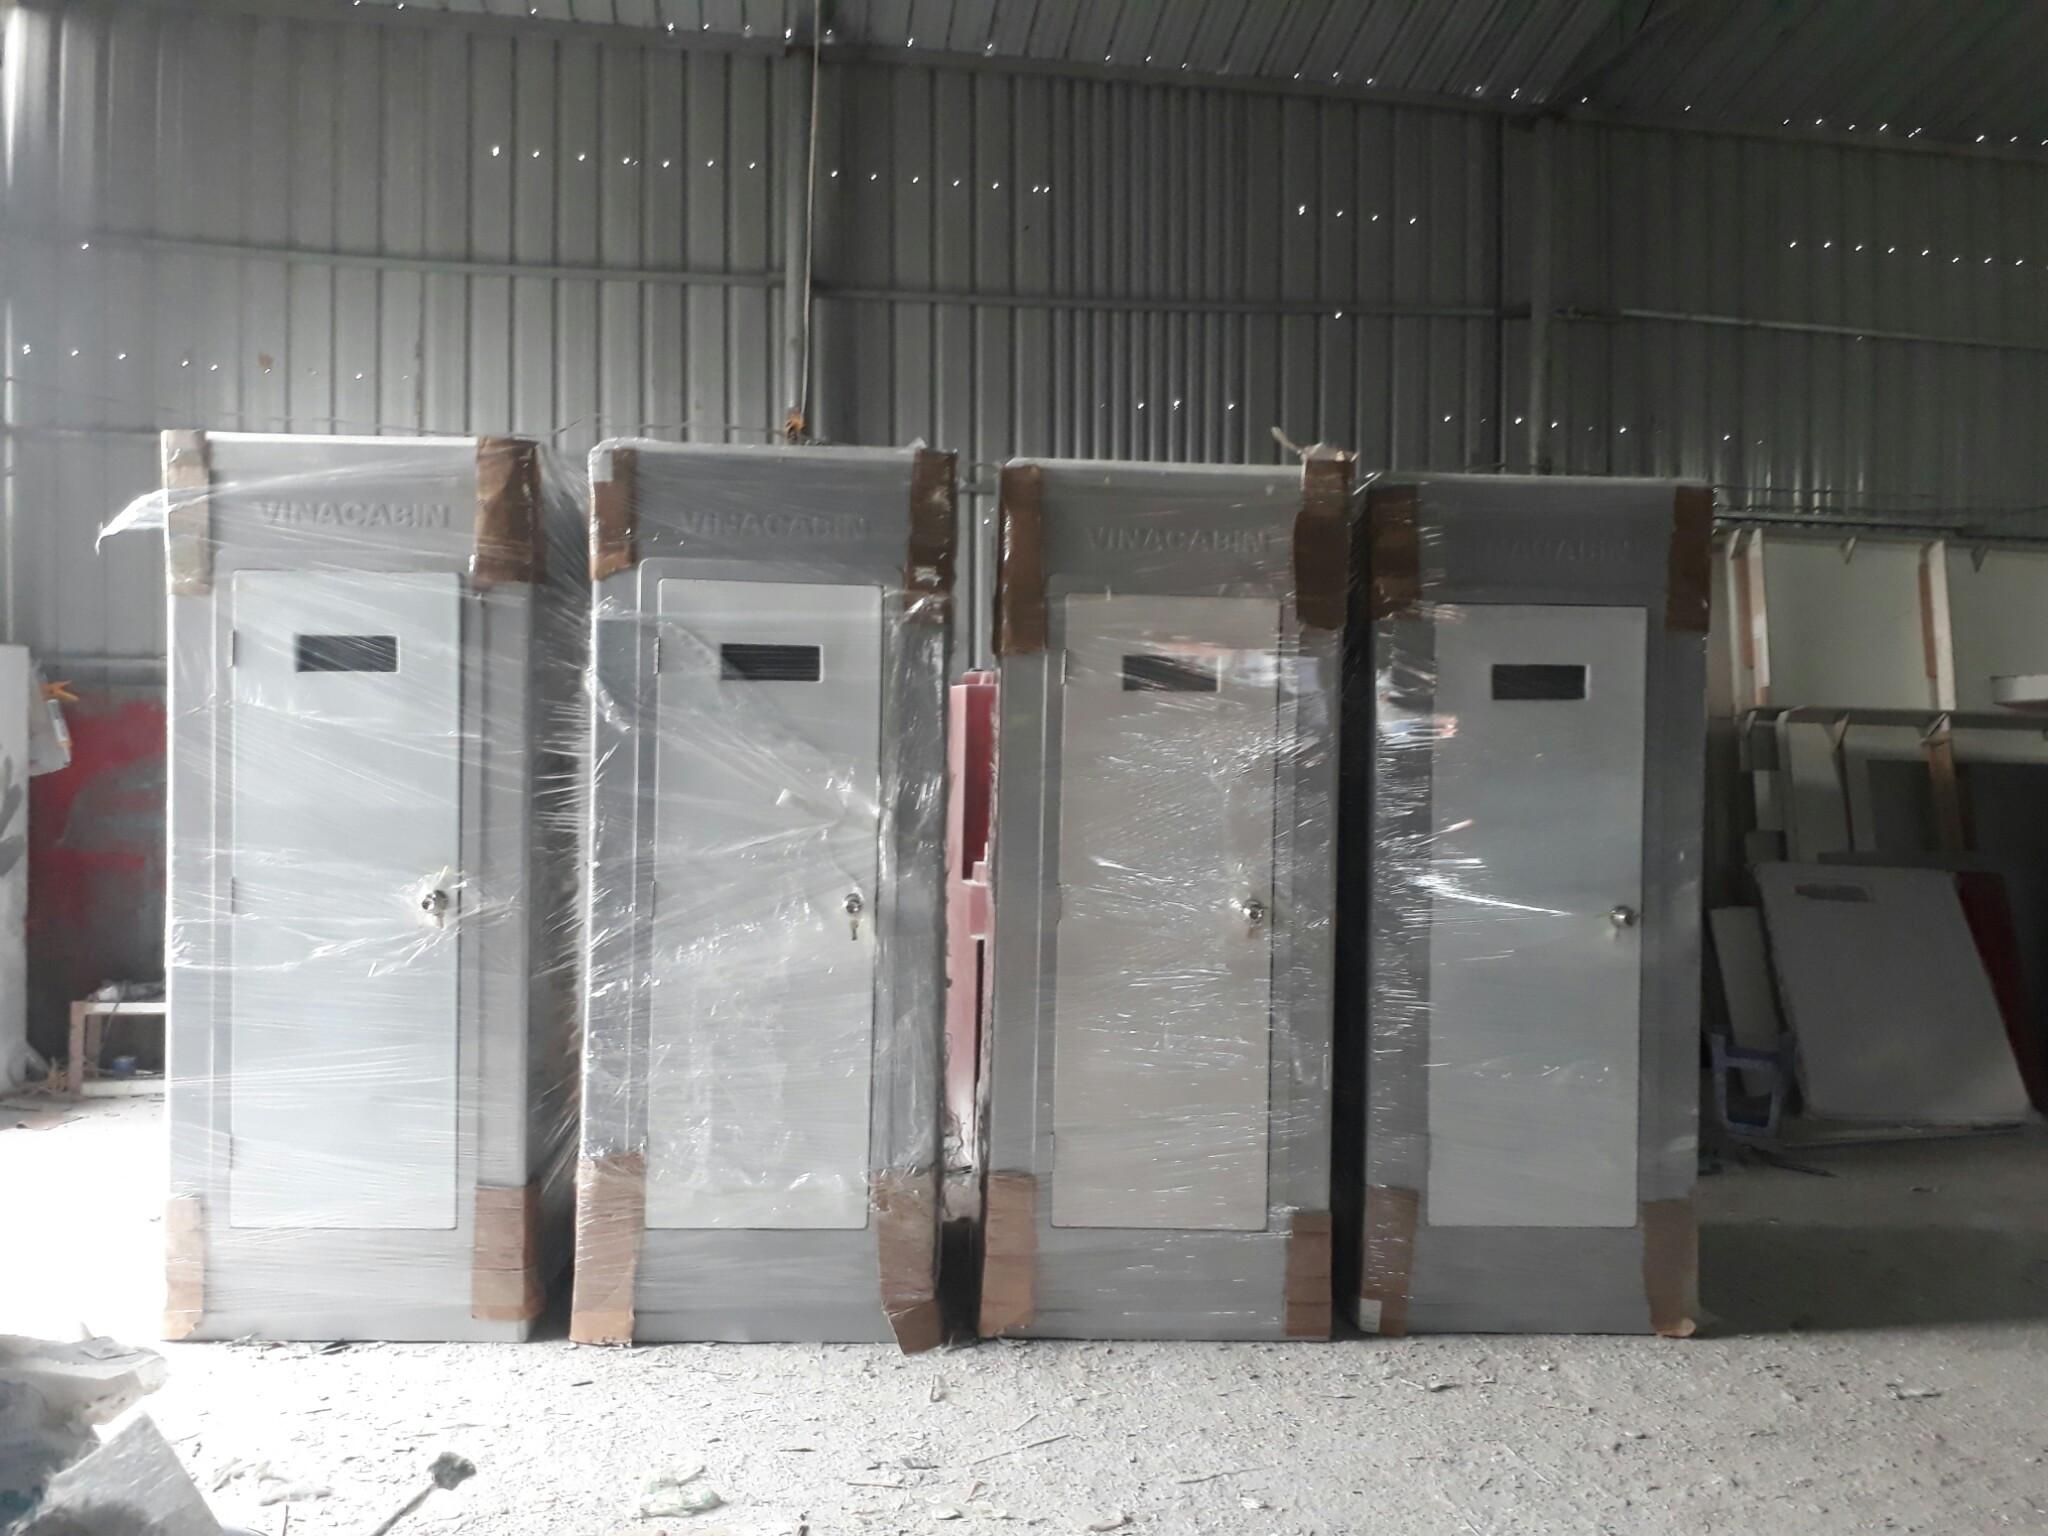 Nhà vệ sinh di động V17.3 đã được giao tới khách hàngNhà vệ sinh di động V17.3 đã được giao tới khách hàng